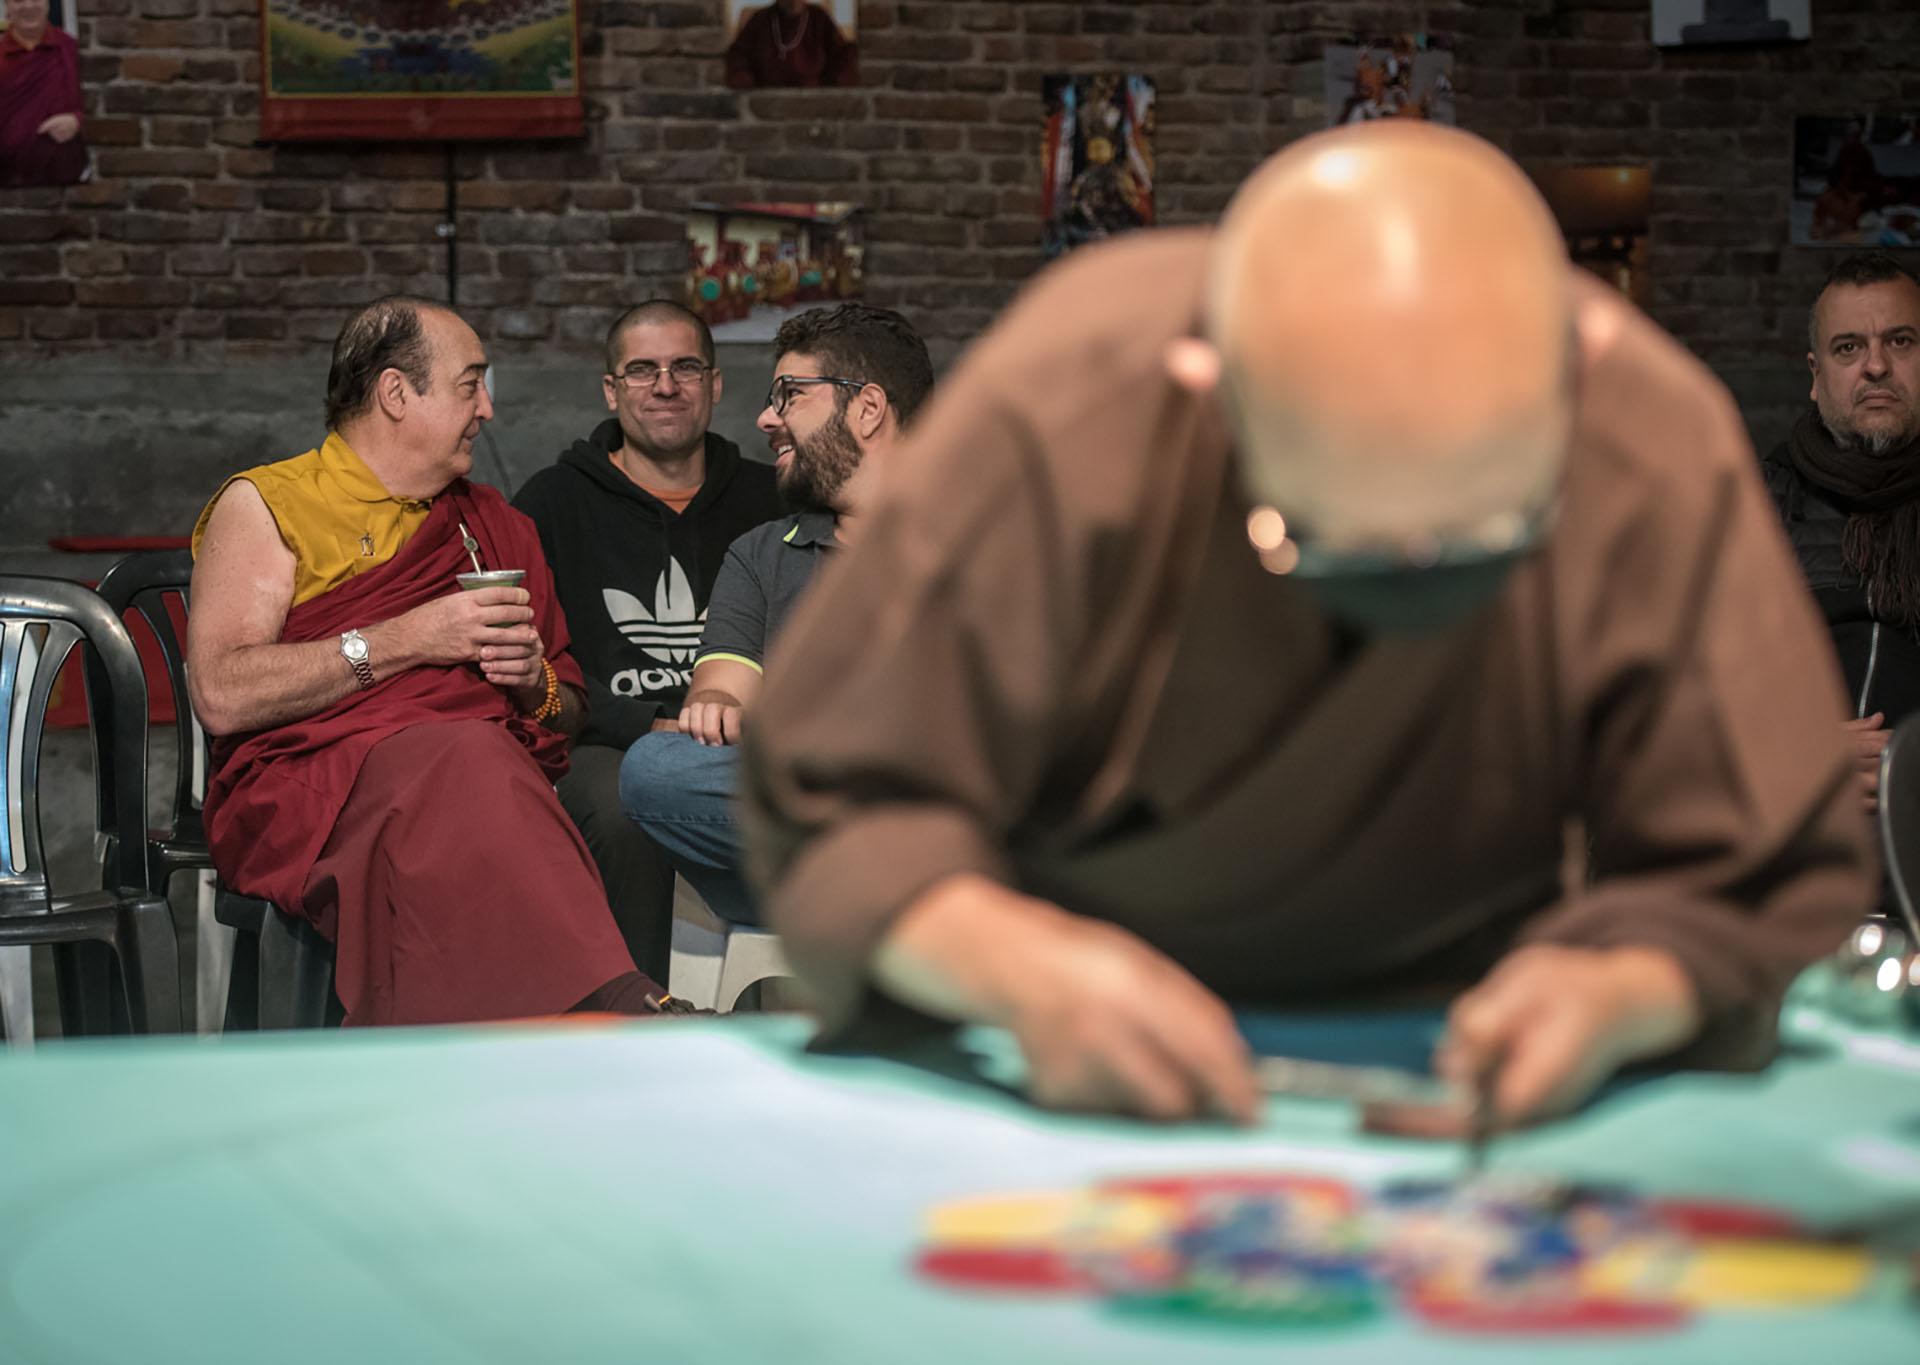 Mandala es una palabra sánscrita que significa círculo y totalidad. Son un centro energético de equilibrio y purificación que ayuda a transformar el entorno y la mente